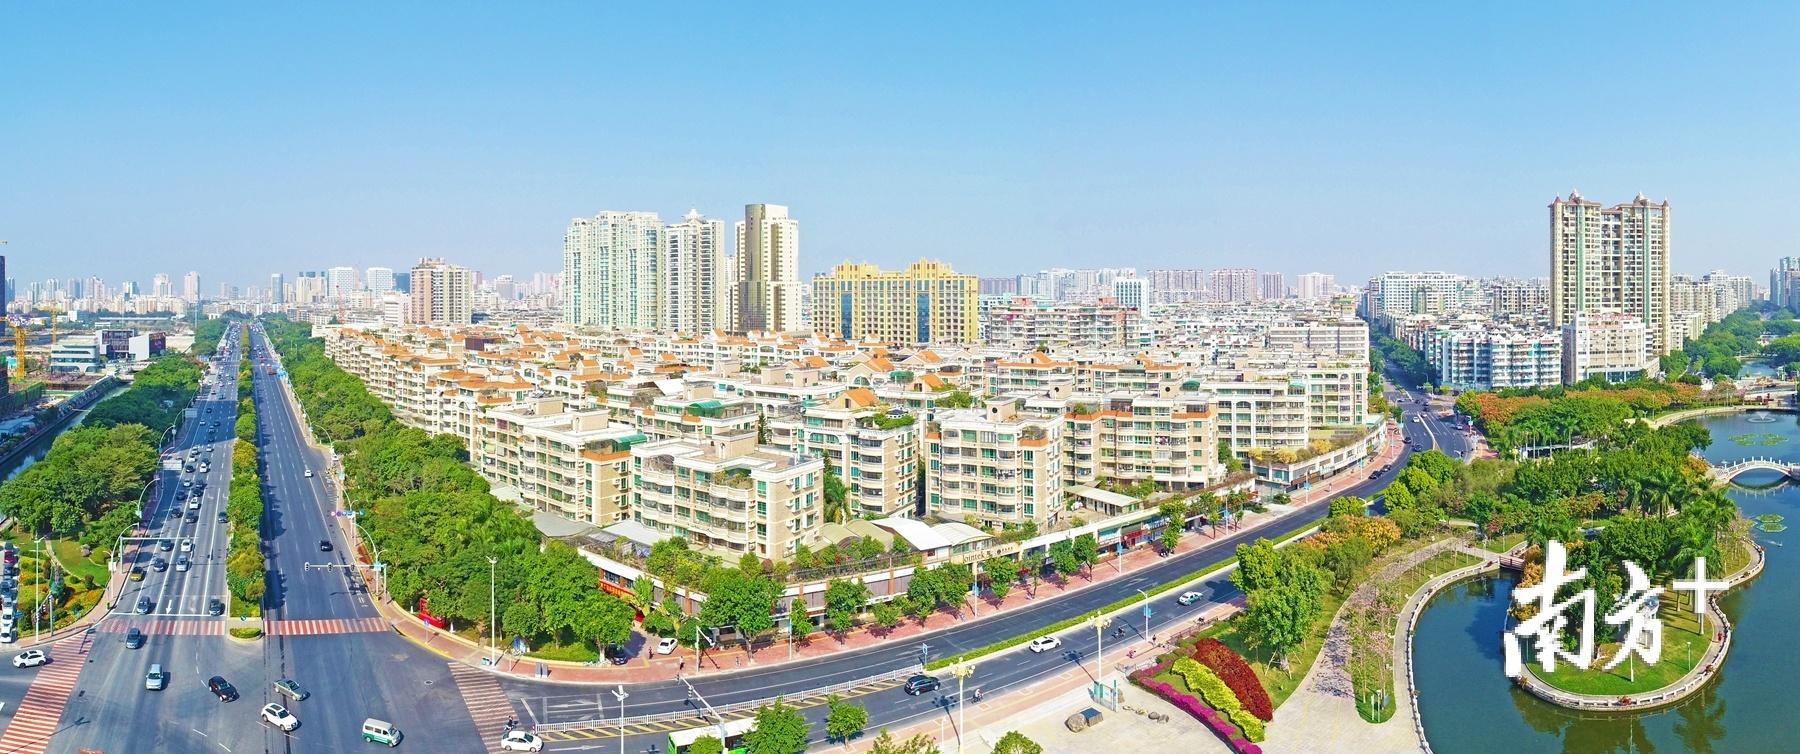 龙湖正致力建设省域副中心城市高质量核心城区。